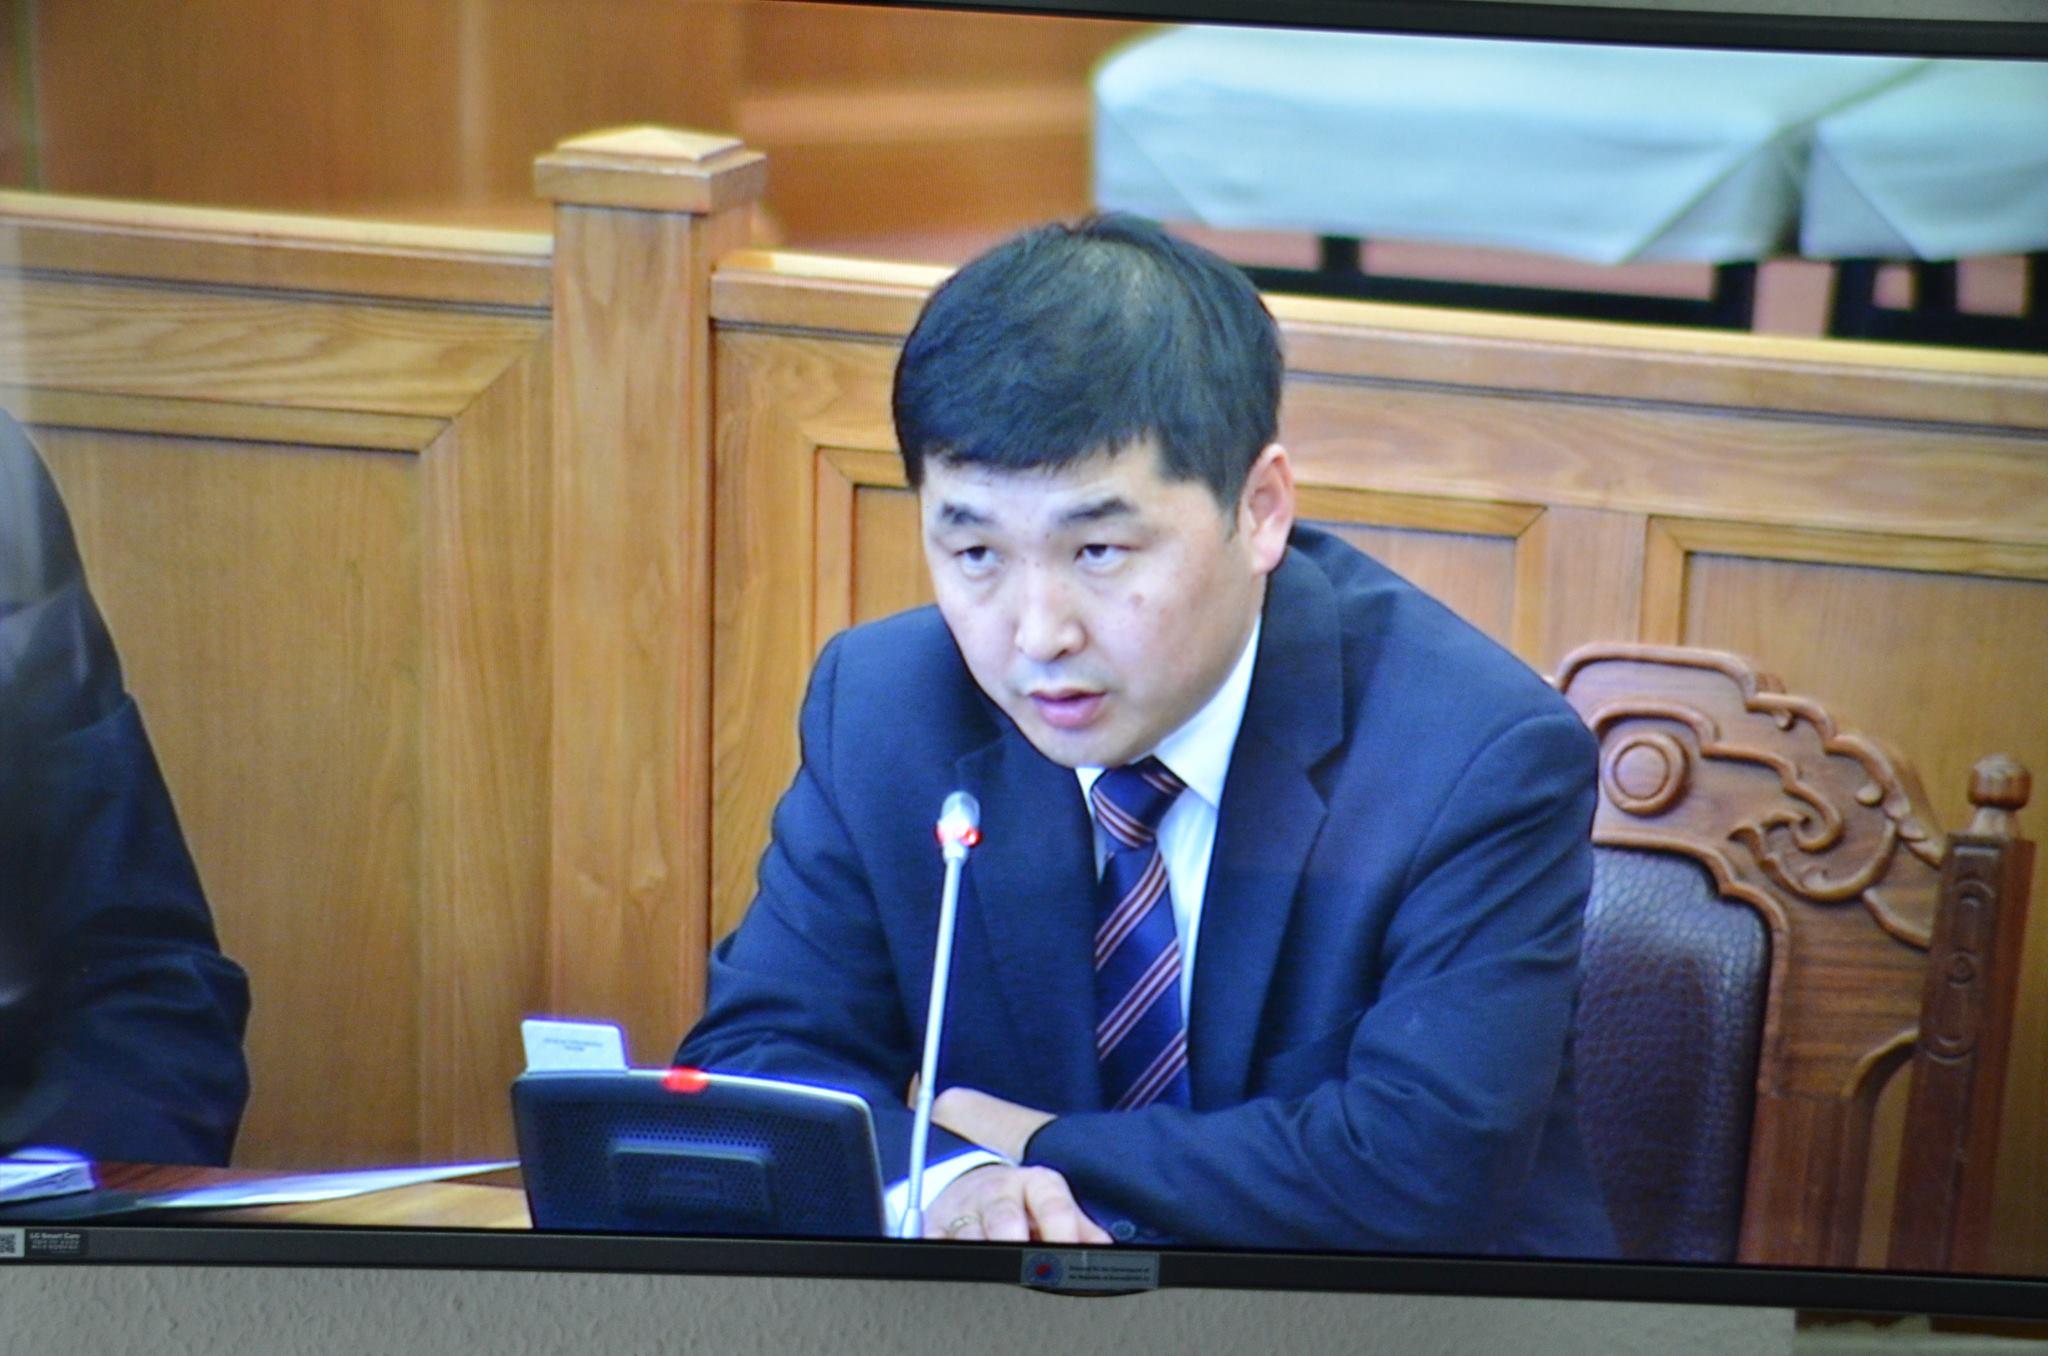 О.Баасанхүү: Ерөнхийлөгч Эрдэнэт үйлдвэрийг 100 хувь Монголын төр эзэмшихийн эсрэг байгаа юм уу?